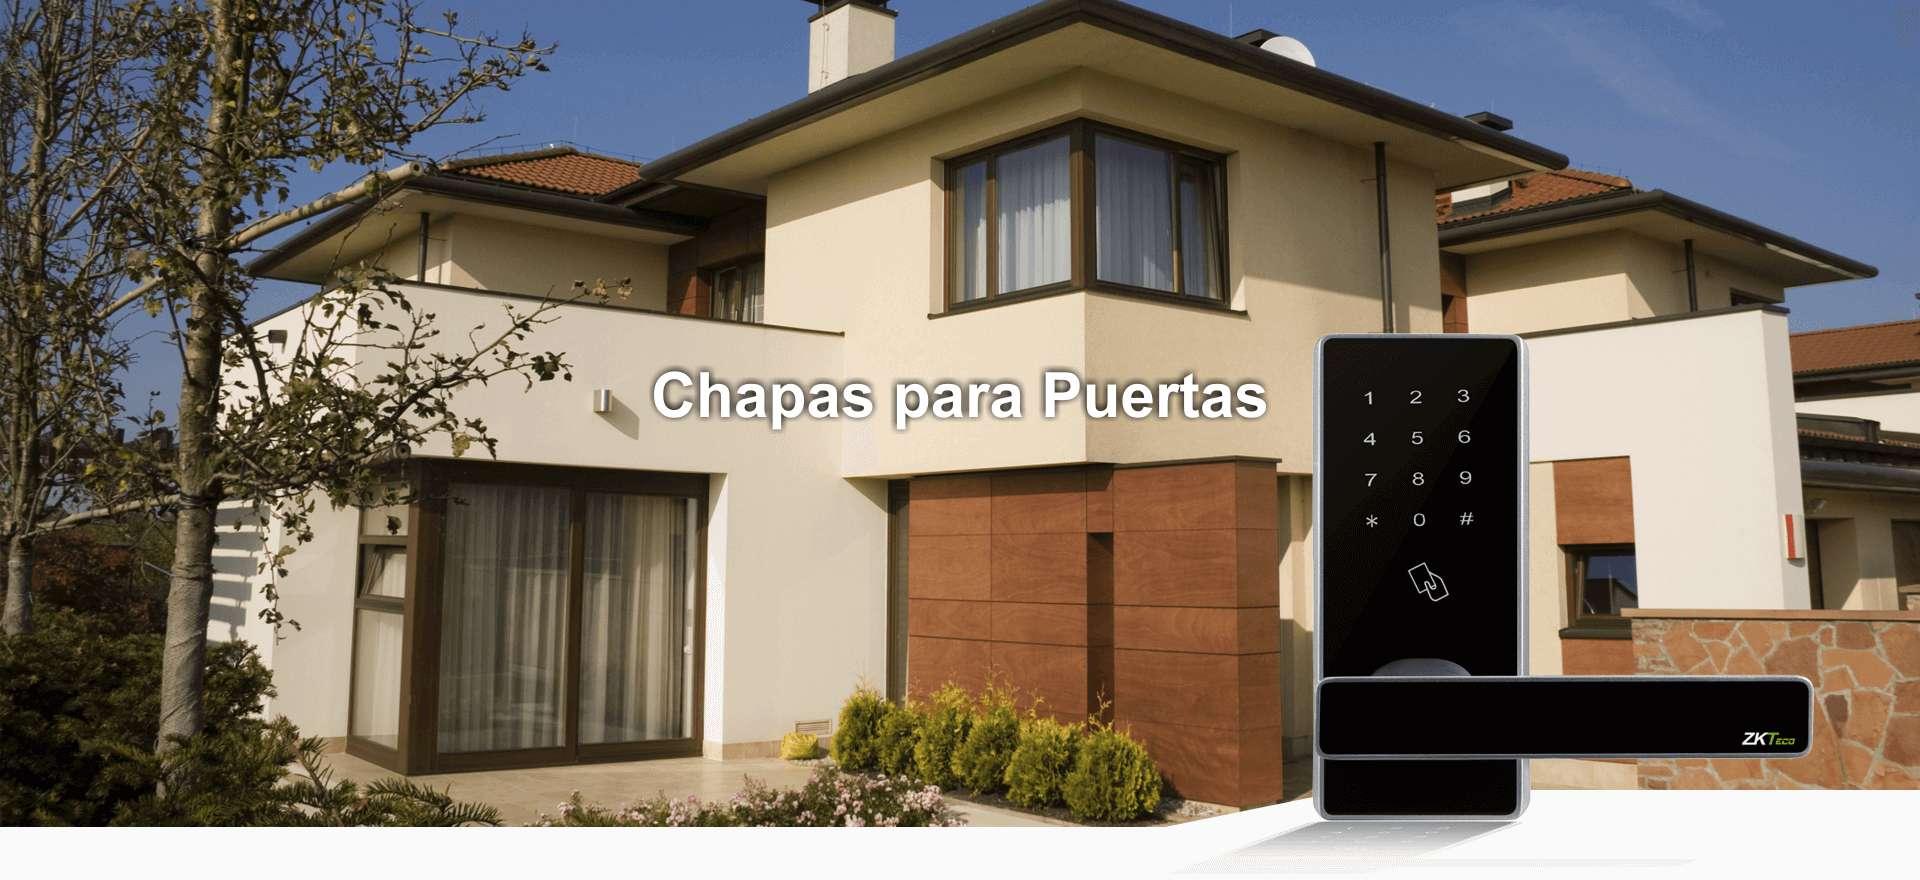 Chapas y Cerraduras Electrónicas para Puertas en Lázaro Cárdenas, Michoacán e Ixtapa Zihuatanejo, Guerrero